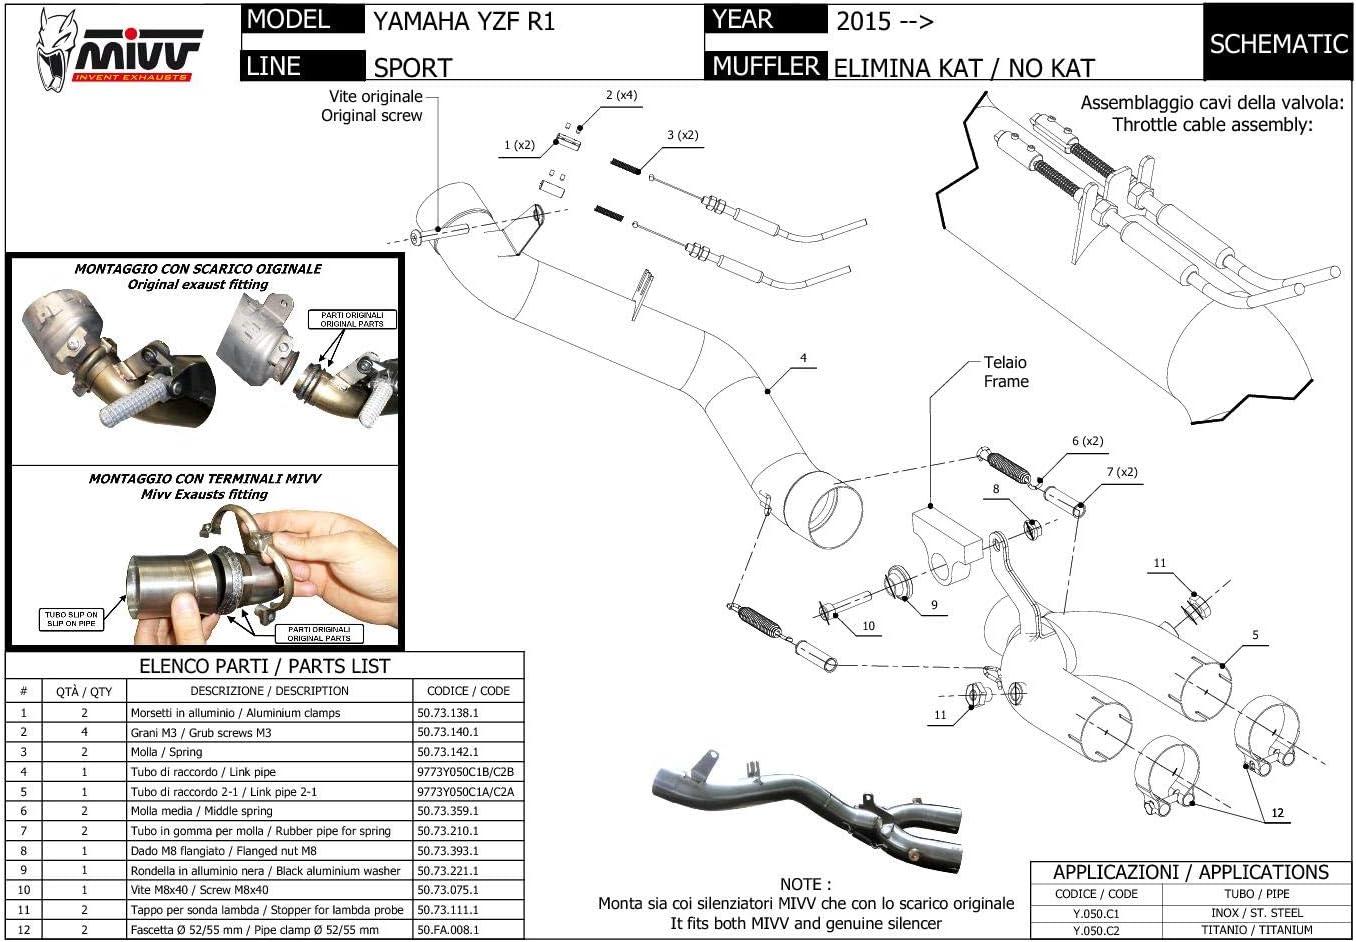 Y.050.C1 Tubos Supresor De Catalizador MIVV Bajante Acero Yzf 1000 R1 2015 15